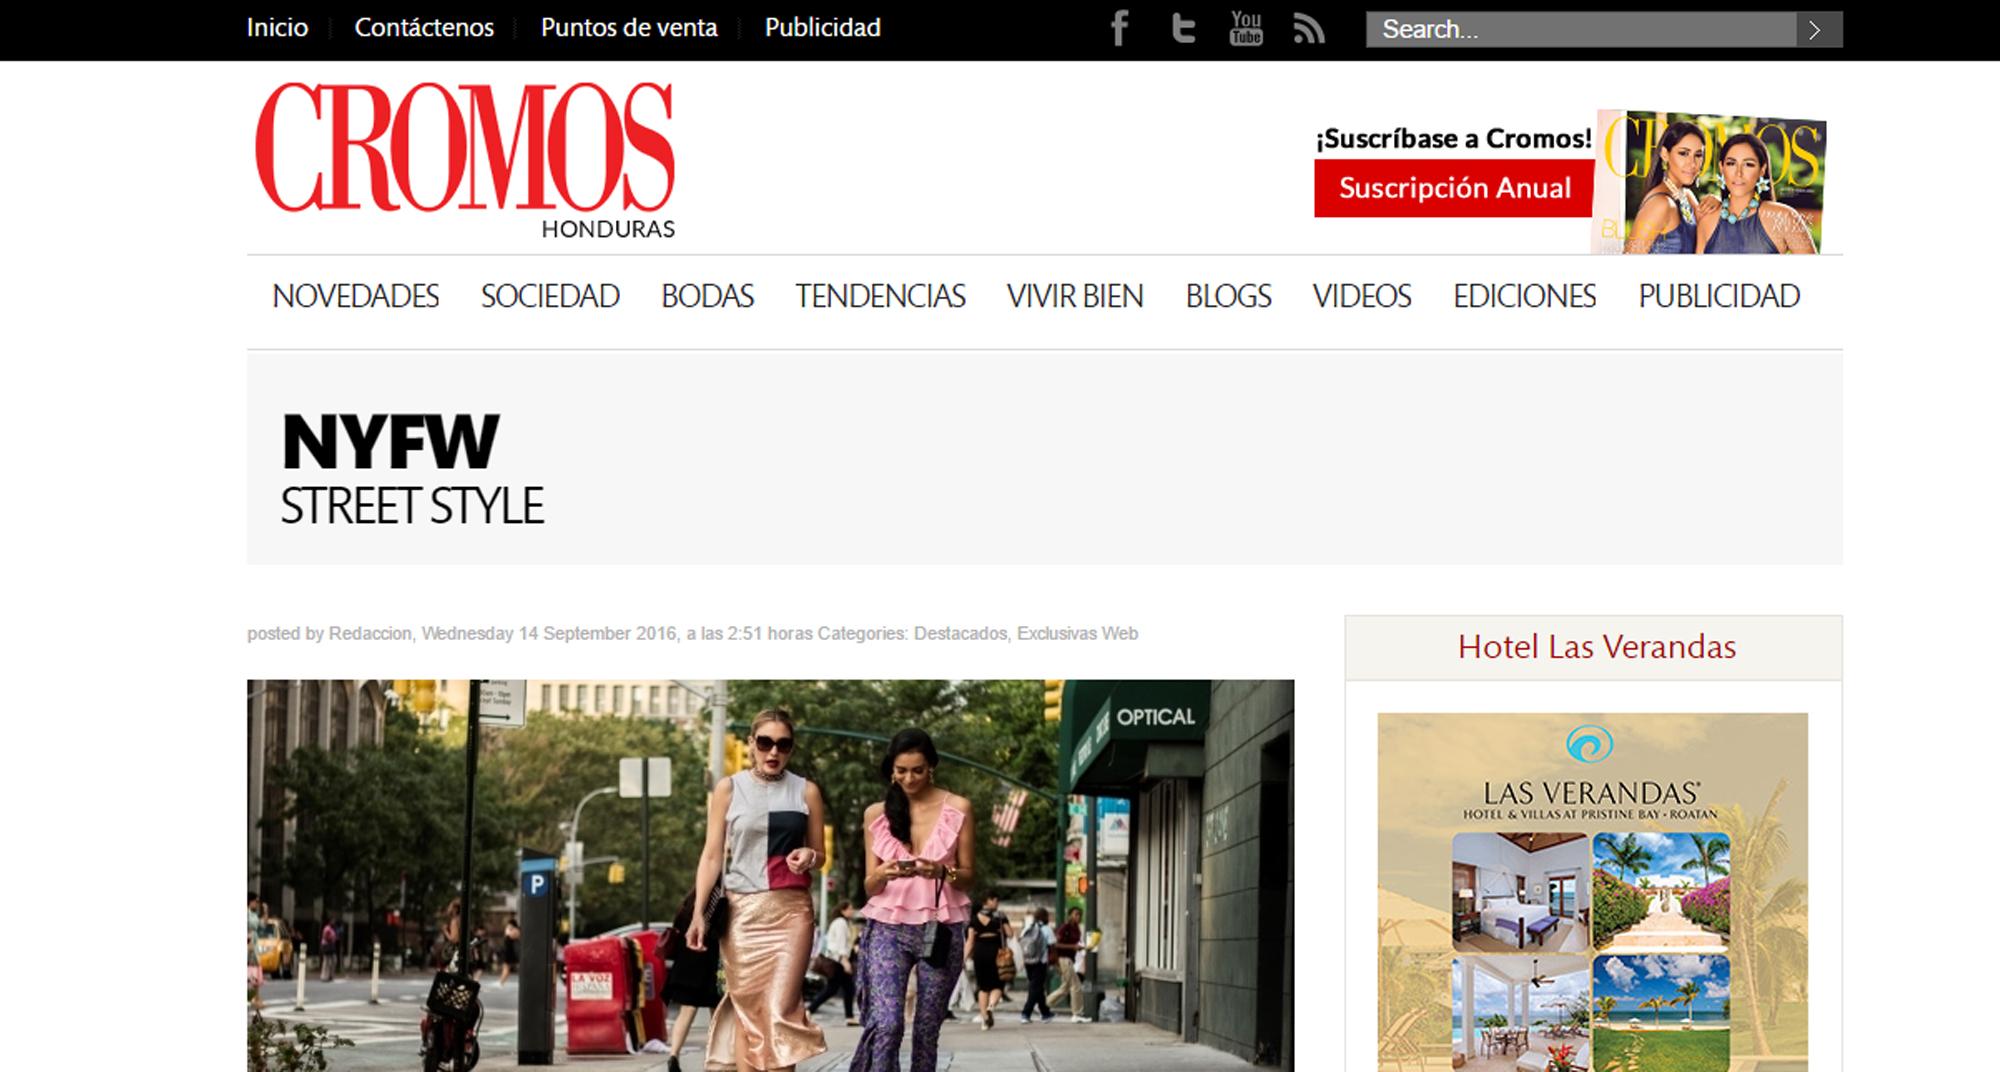 Street Style de NYFW para cromos.hn